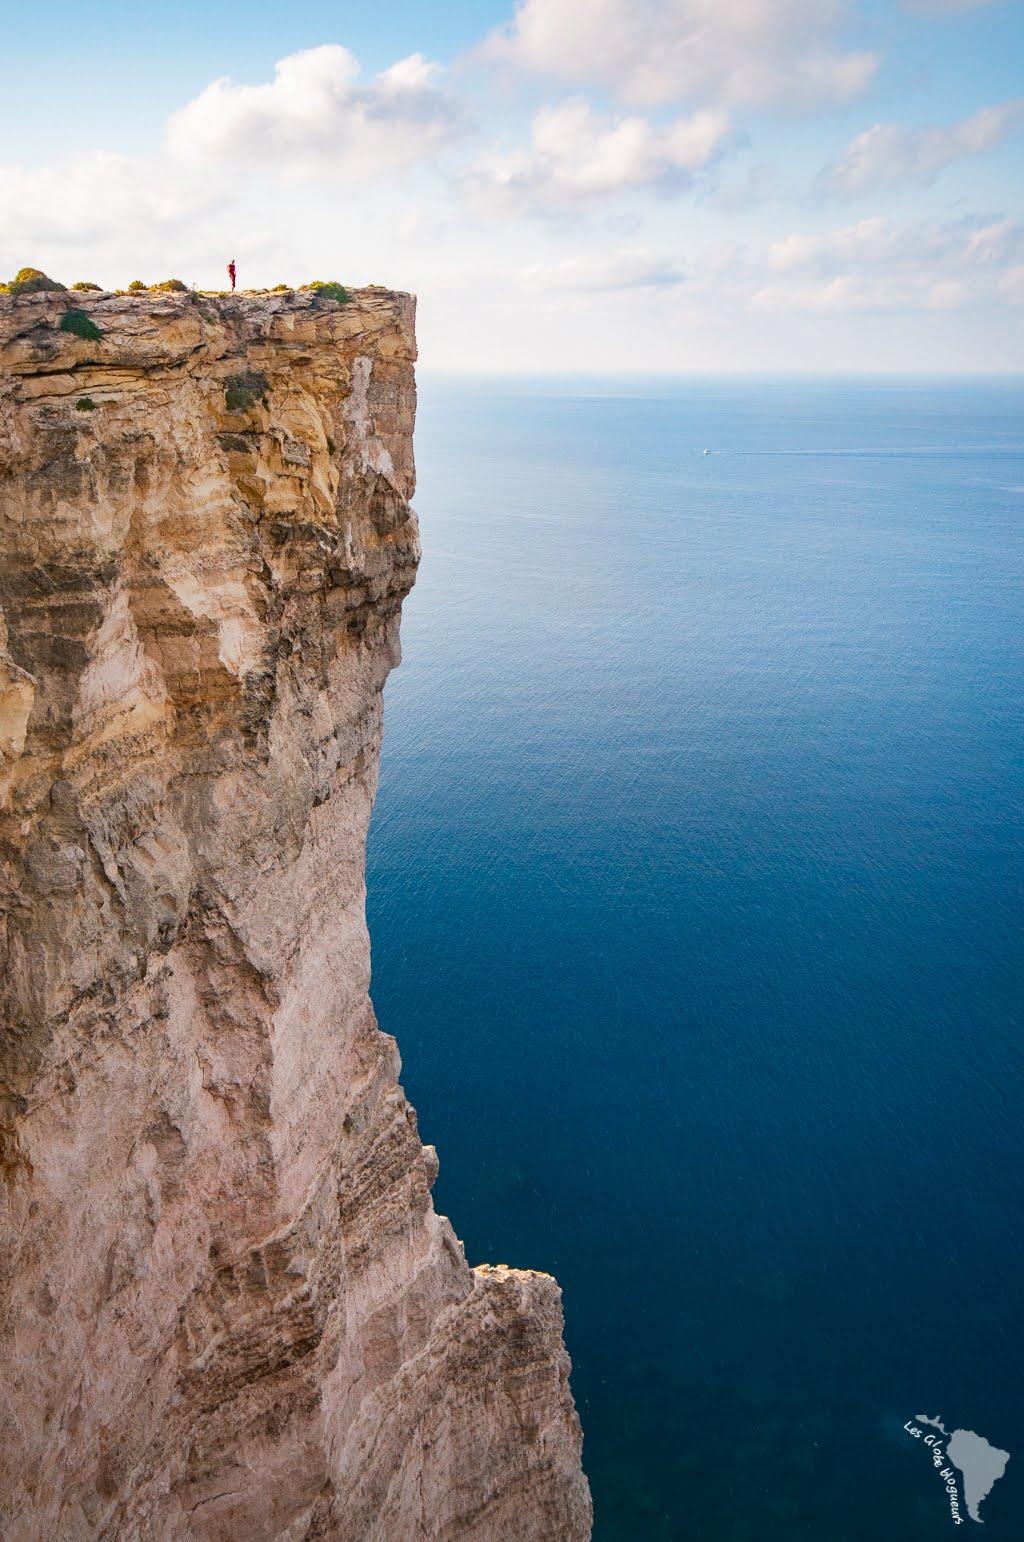 Le gars en haut de la falaise, c'est bien moi ! Mais n'allez pas croire que j'étais près du bord...